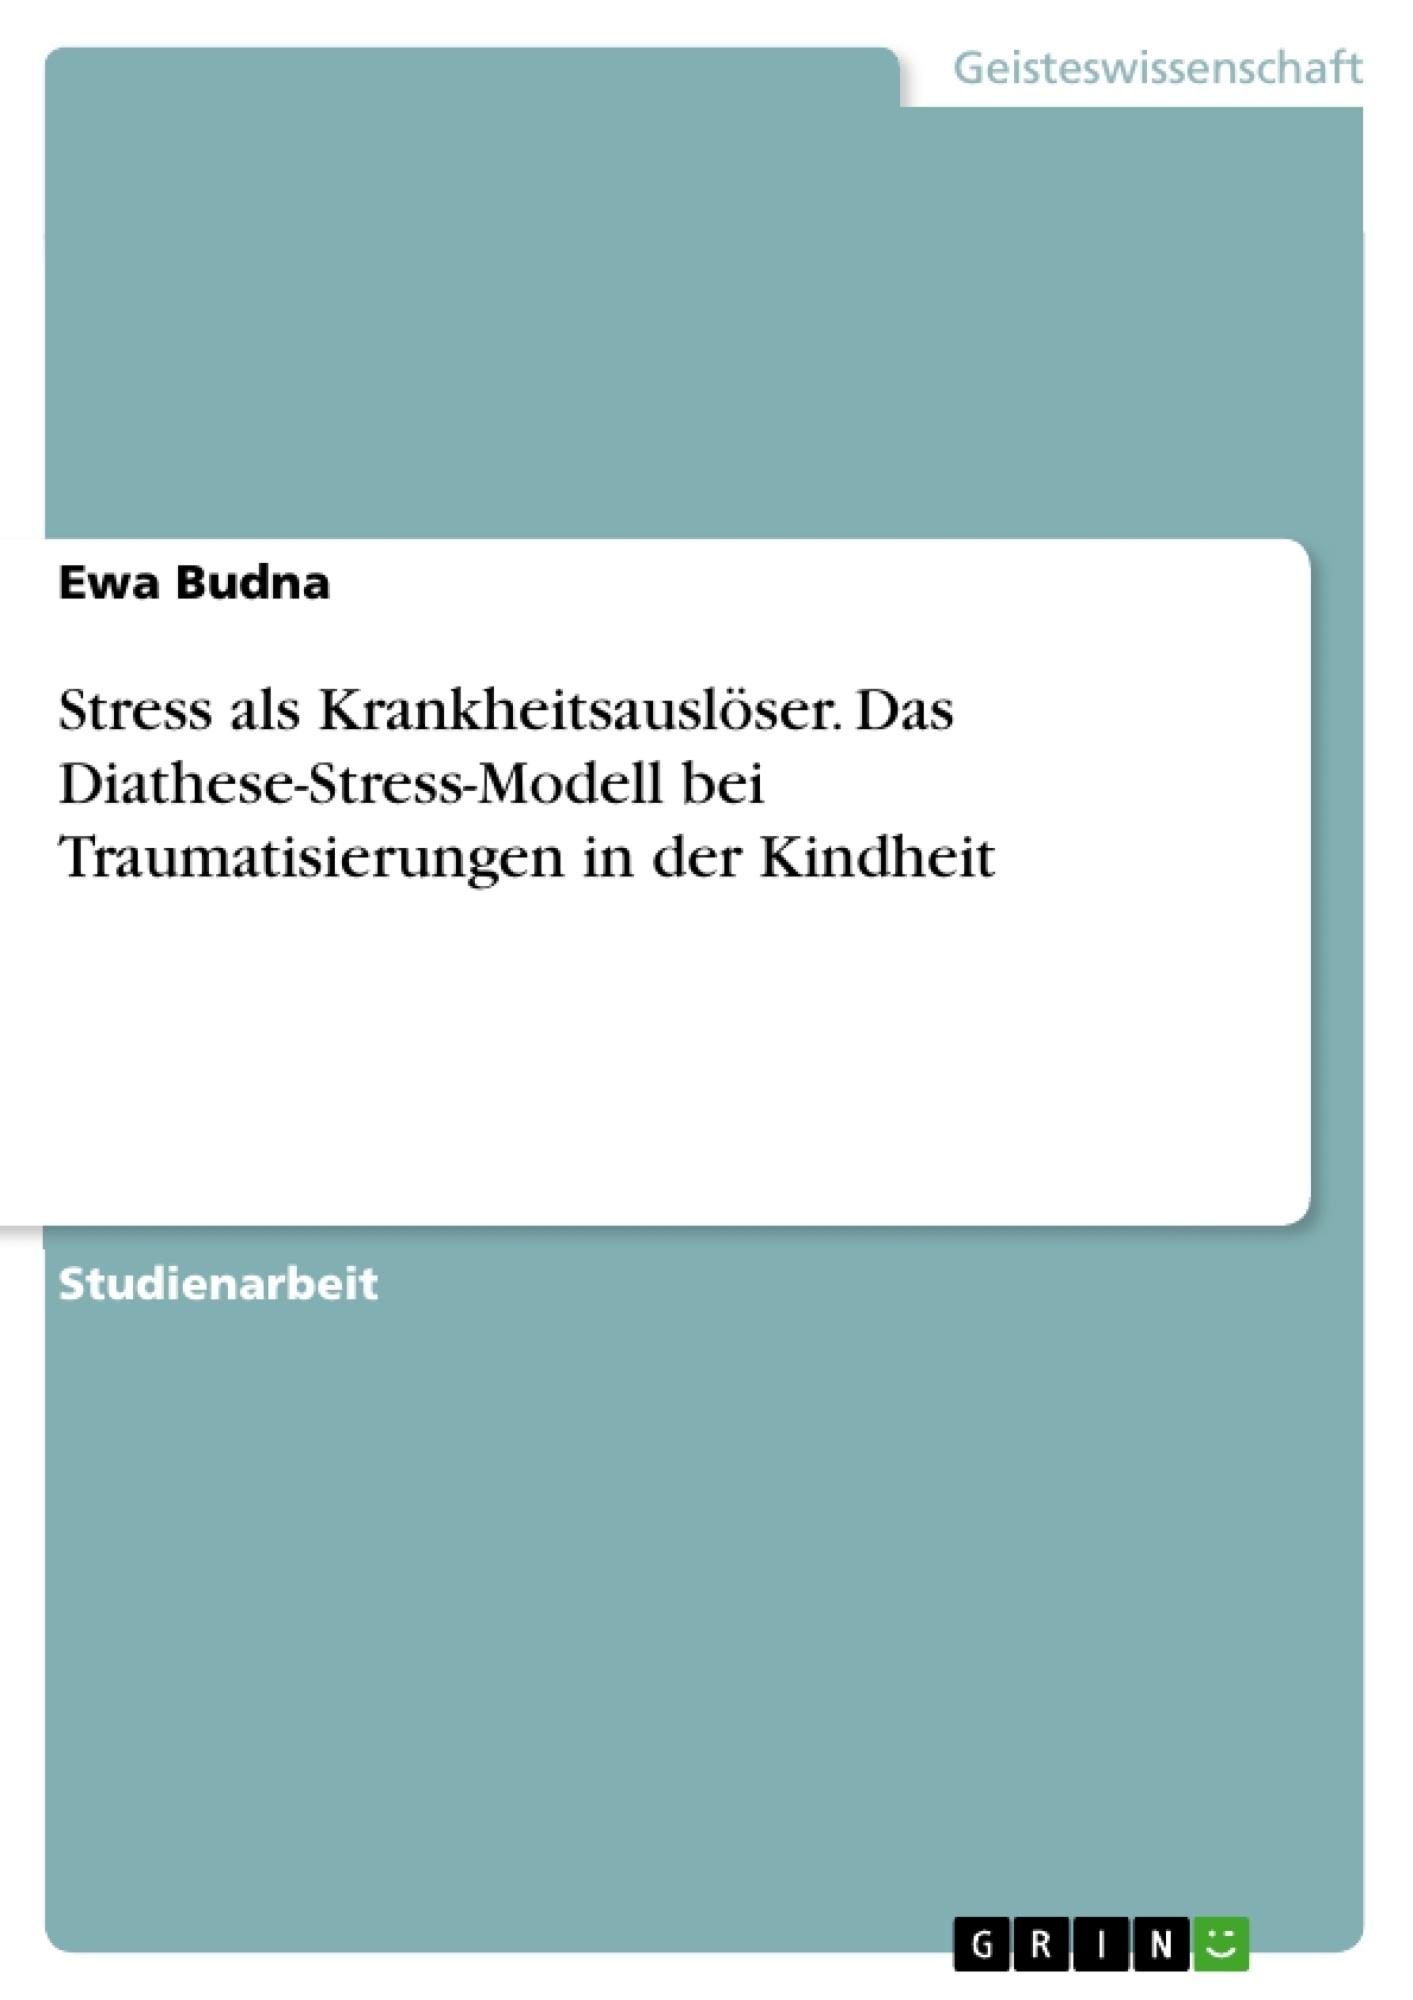 Titel: Stress als Krankheitsauslöser. Das Diathese-Stress-Modell bei Traumatisierungen in der Kindheit